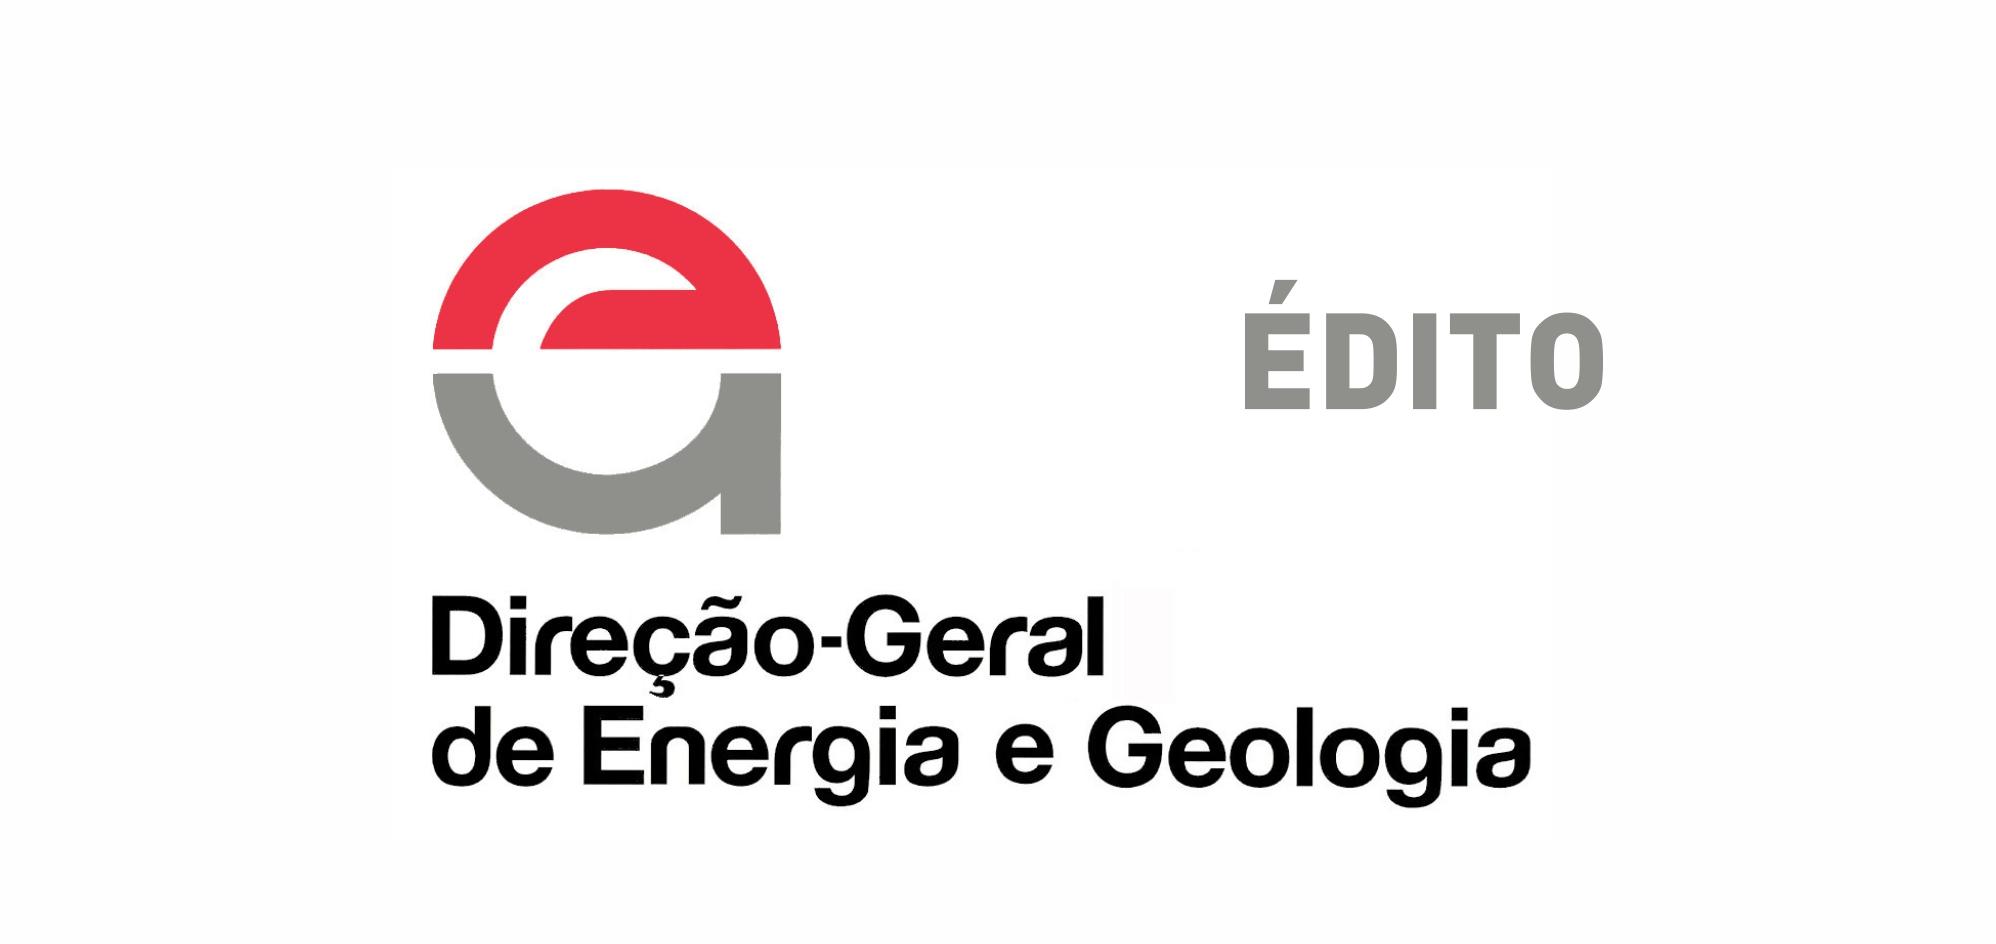 Édito – Redigido pela Direção-Geral de Energia e Geologia.